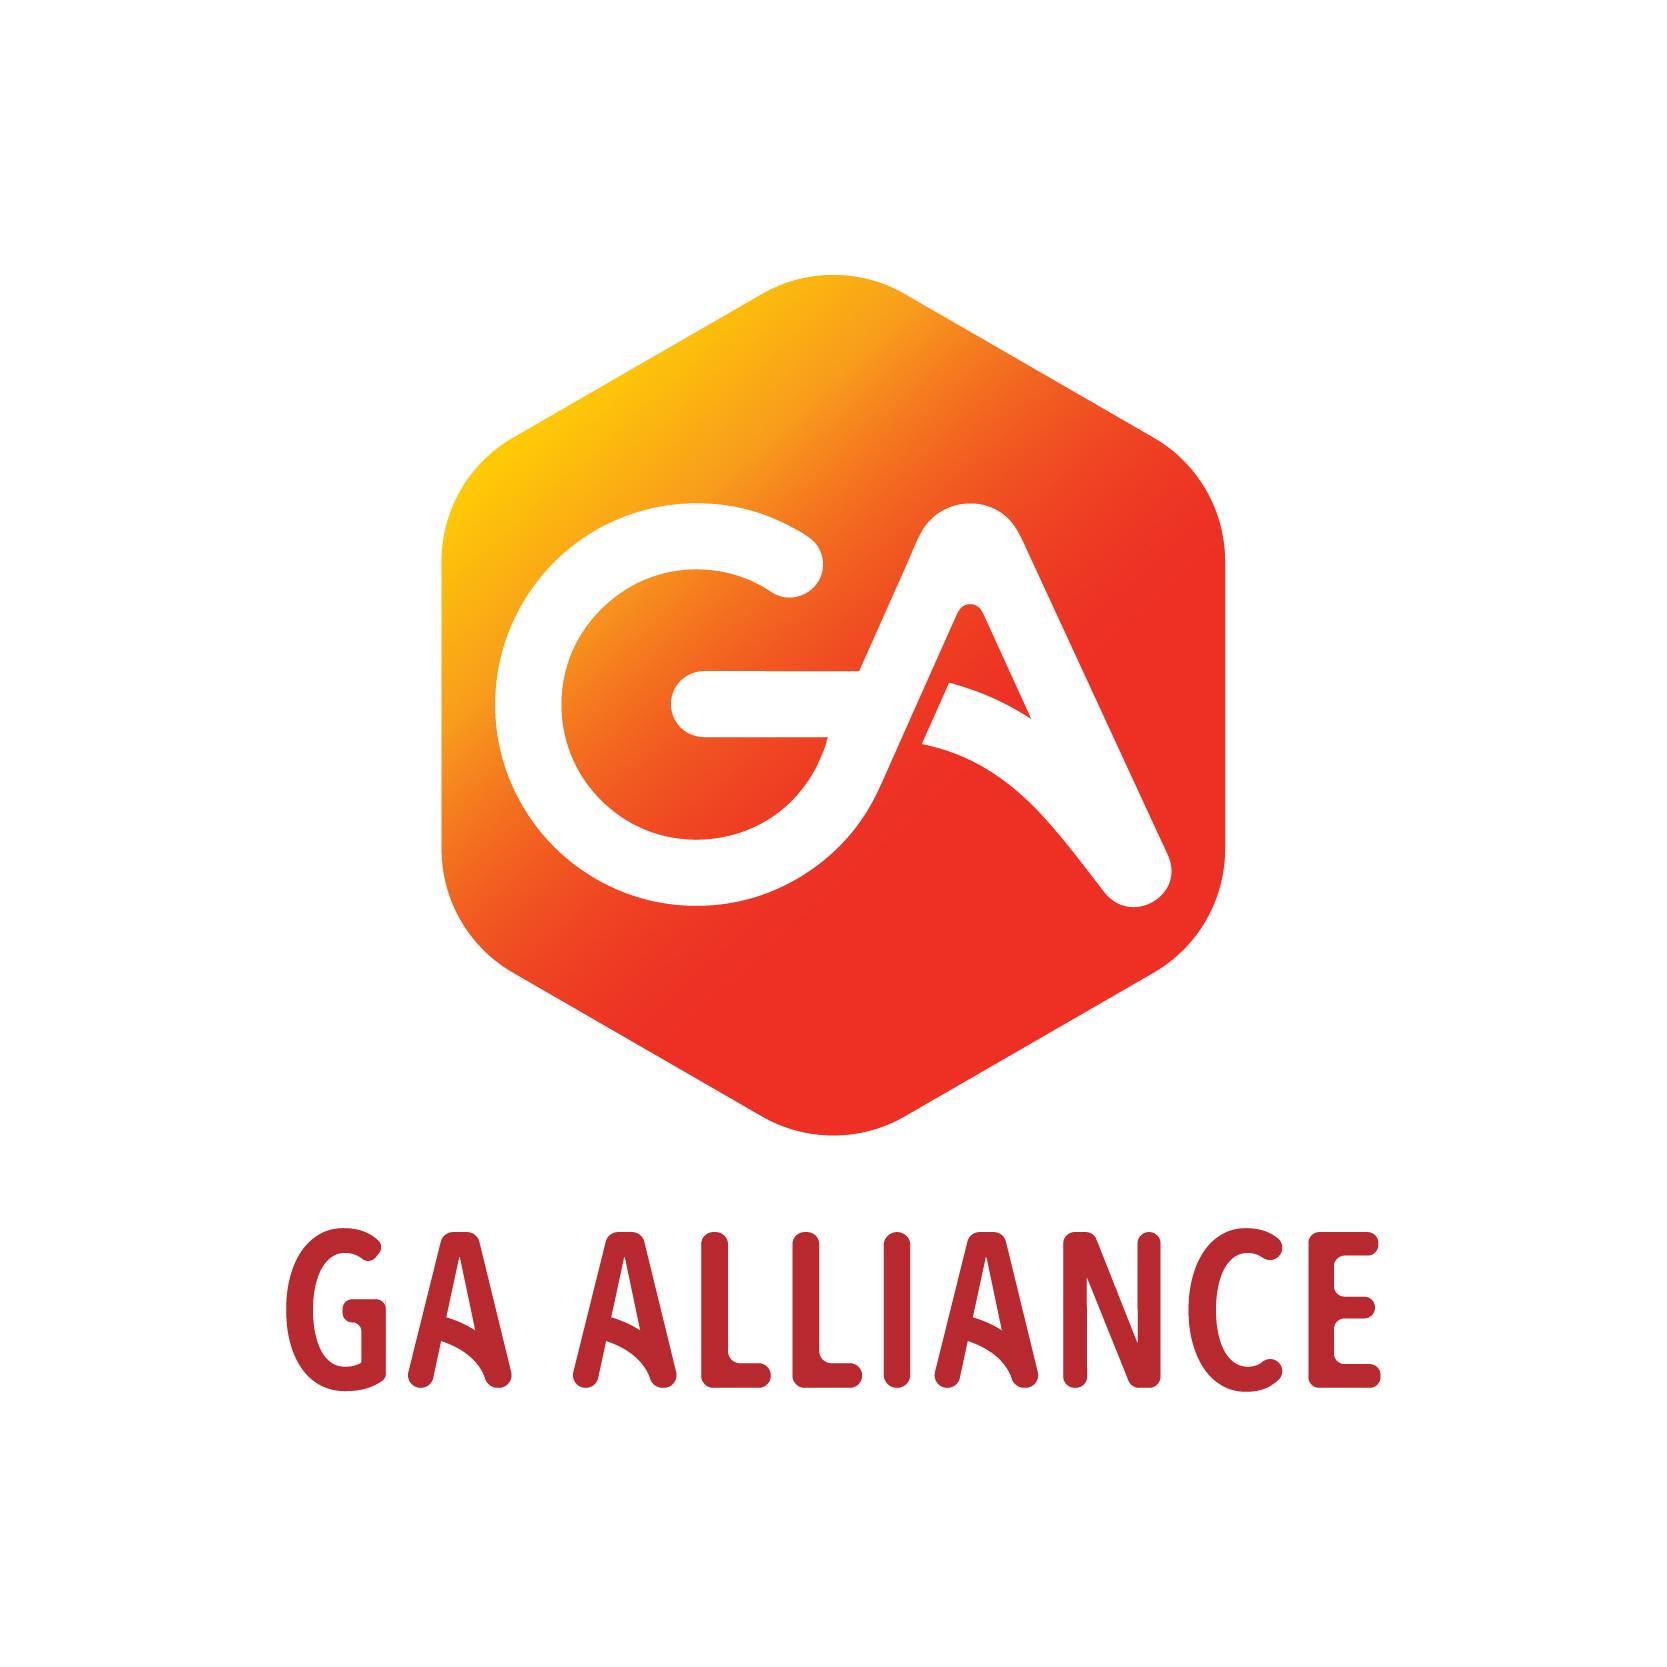 GA Alliance